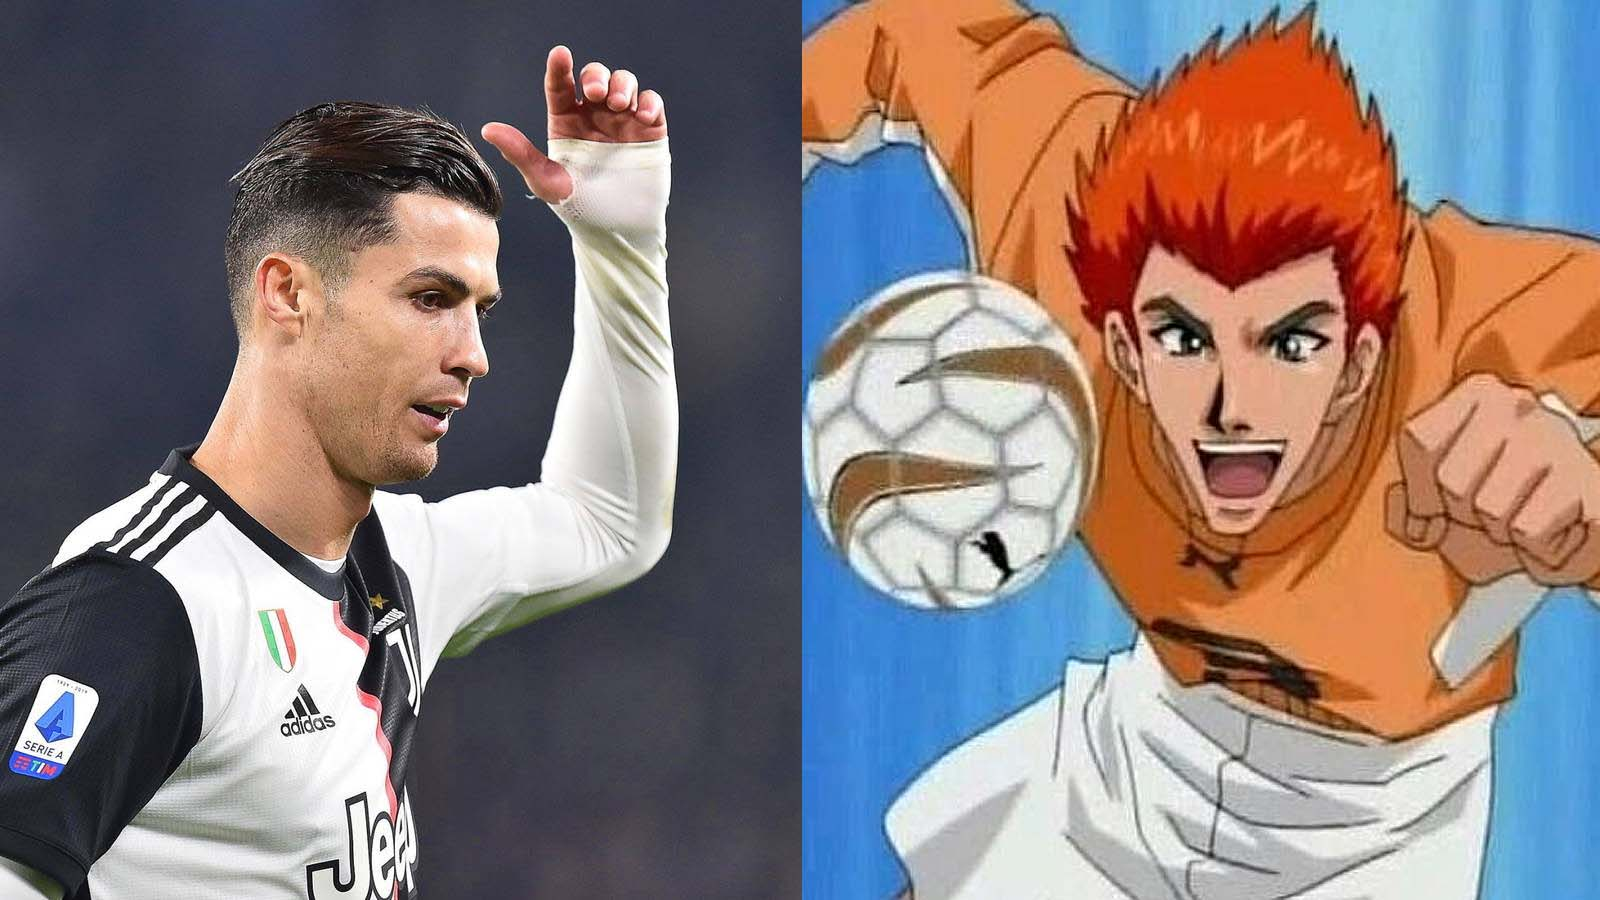 Personajes parecidos a Cristiano Ronaldo - Kyosuke Kanou